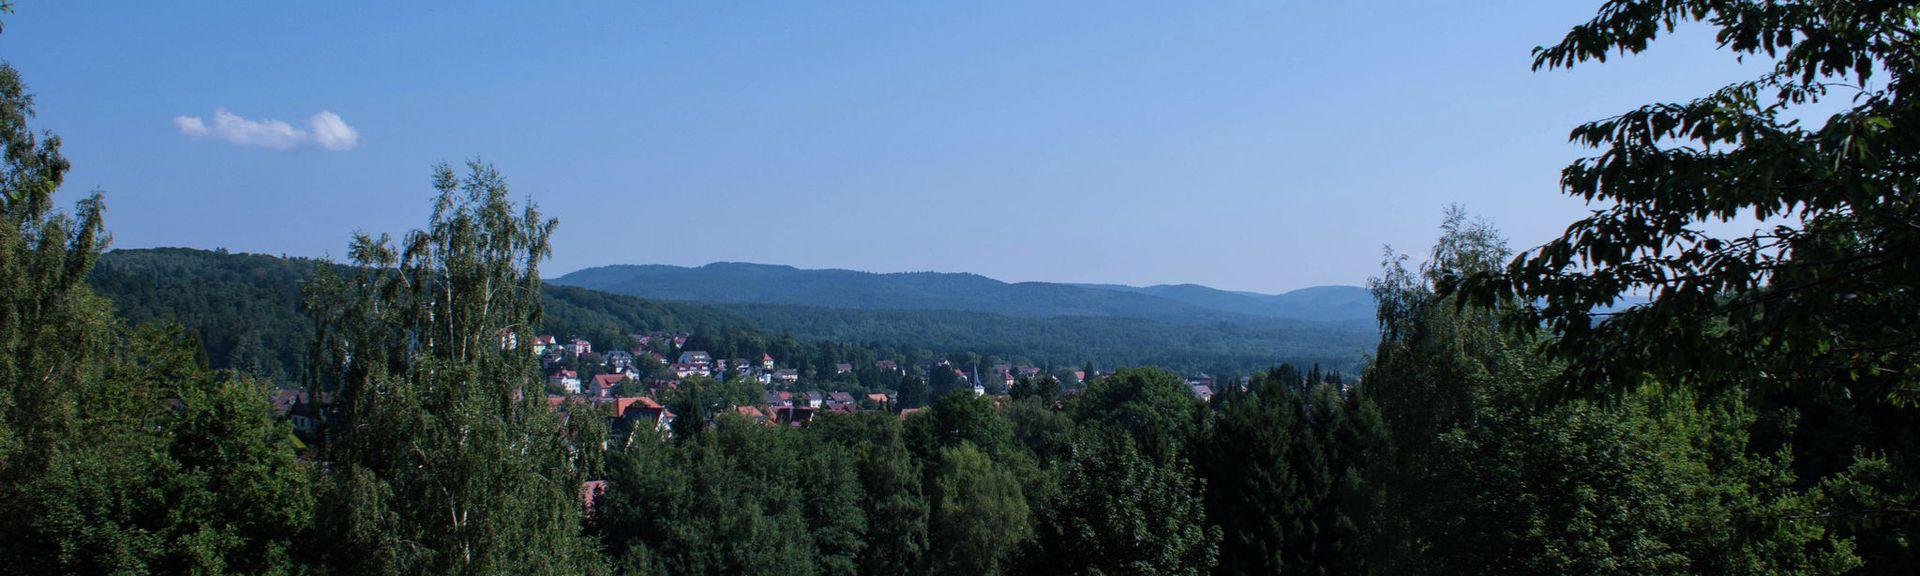 Hattorf am Harz, Lower Saxony, Germany